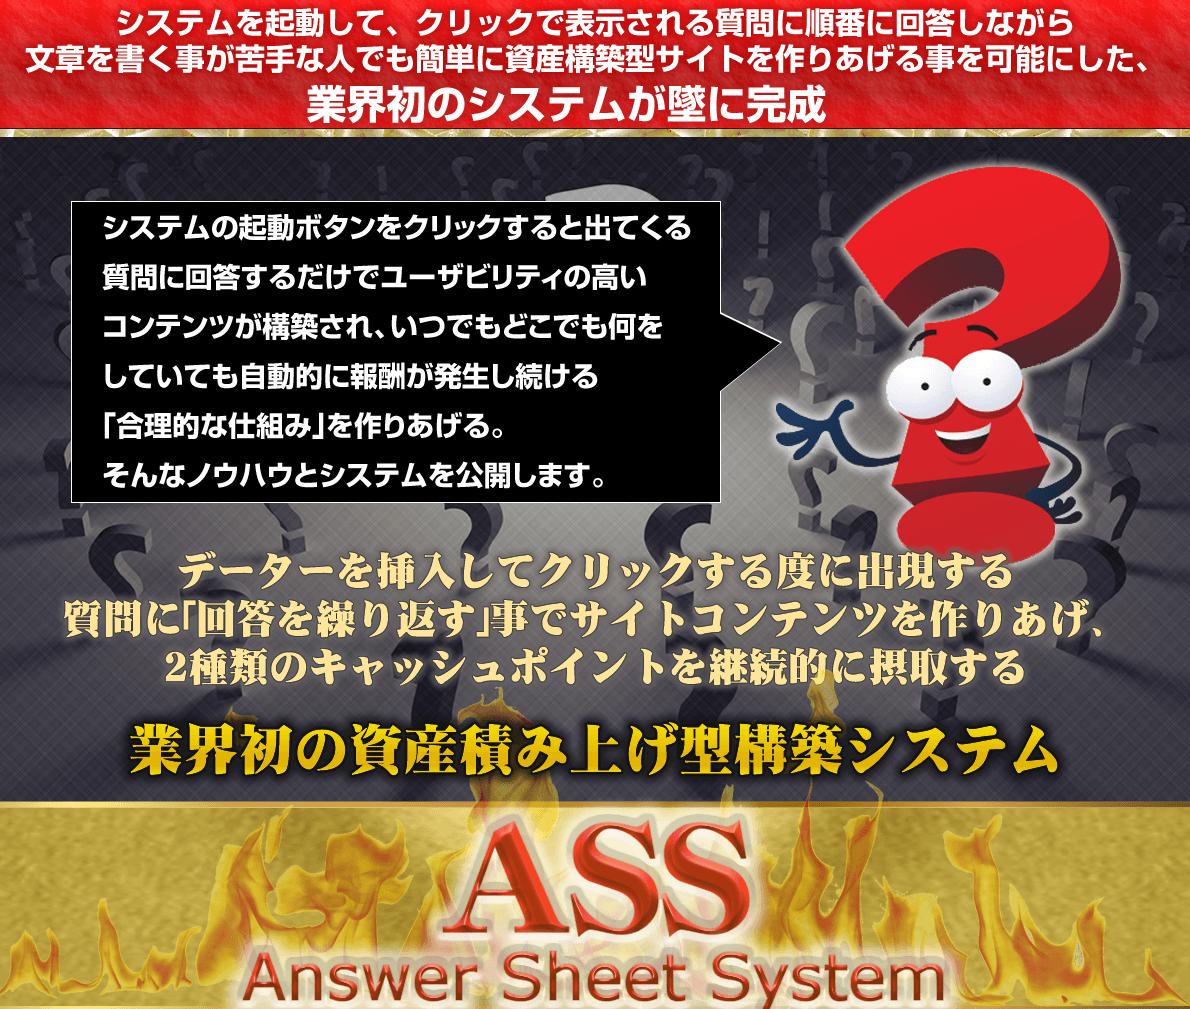 宮川優太Ansere Sheet System画像1